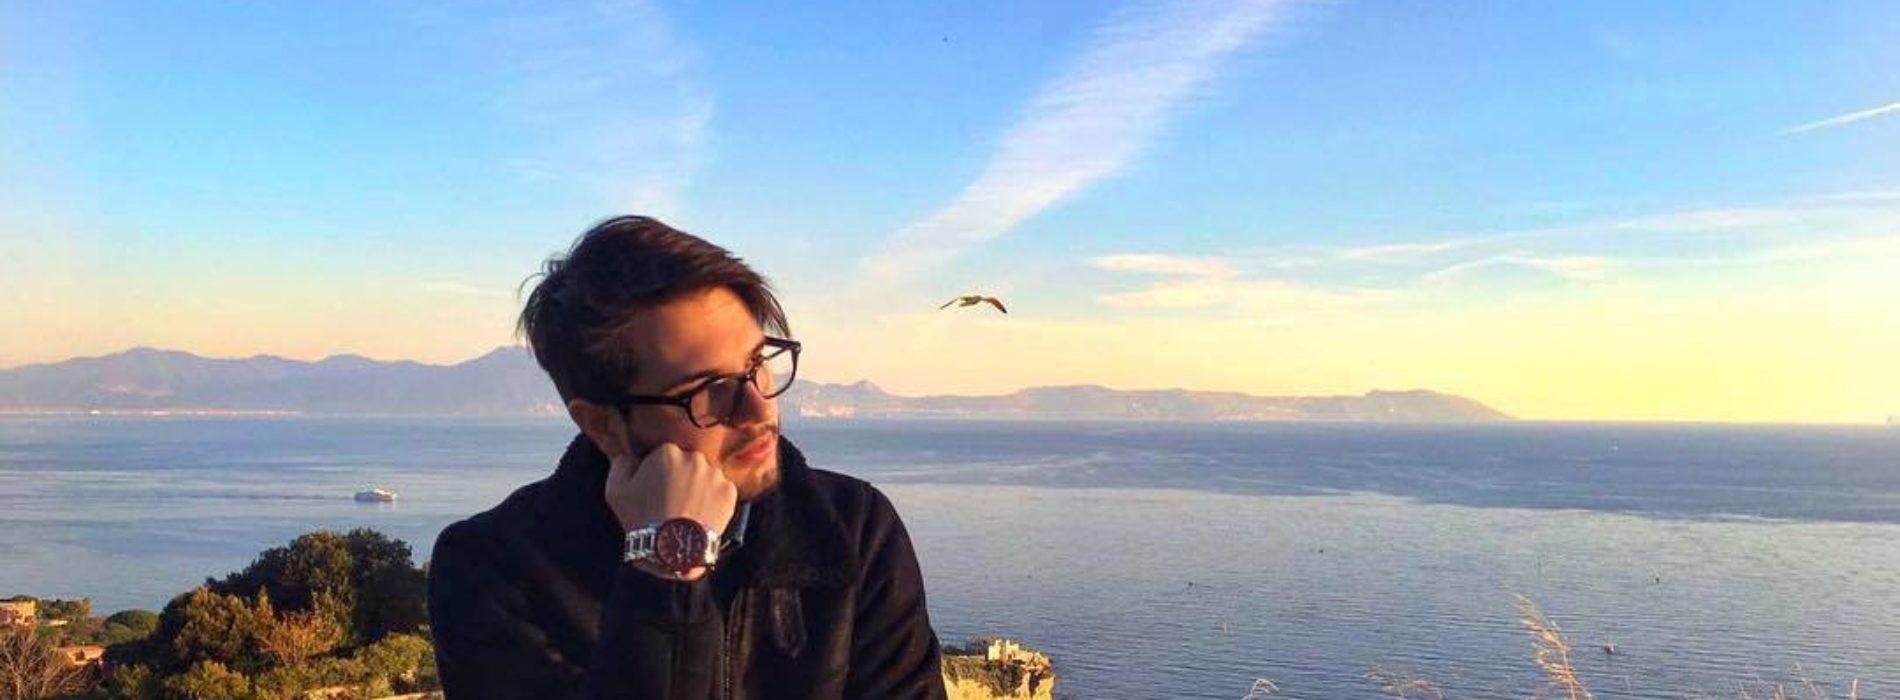 Influencer a Napoli: un nuovo tipo di lavoro